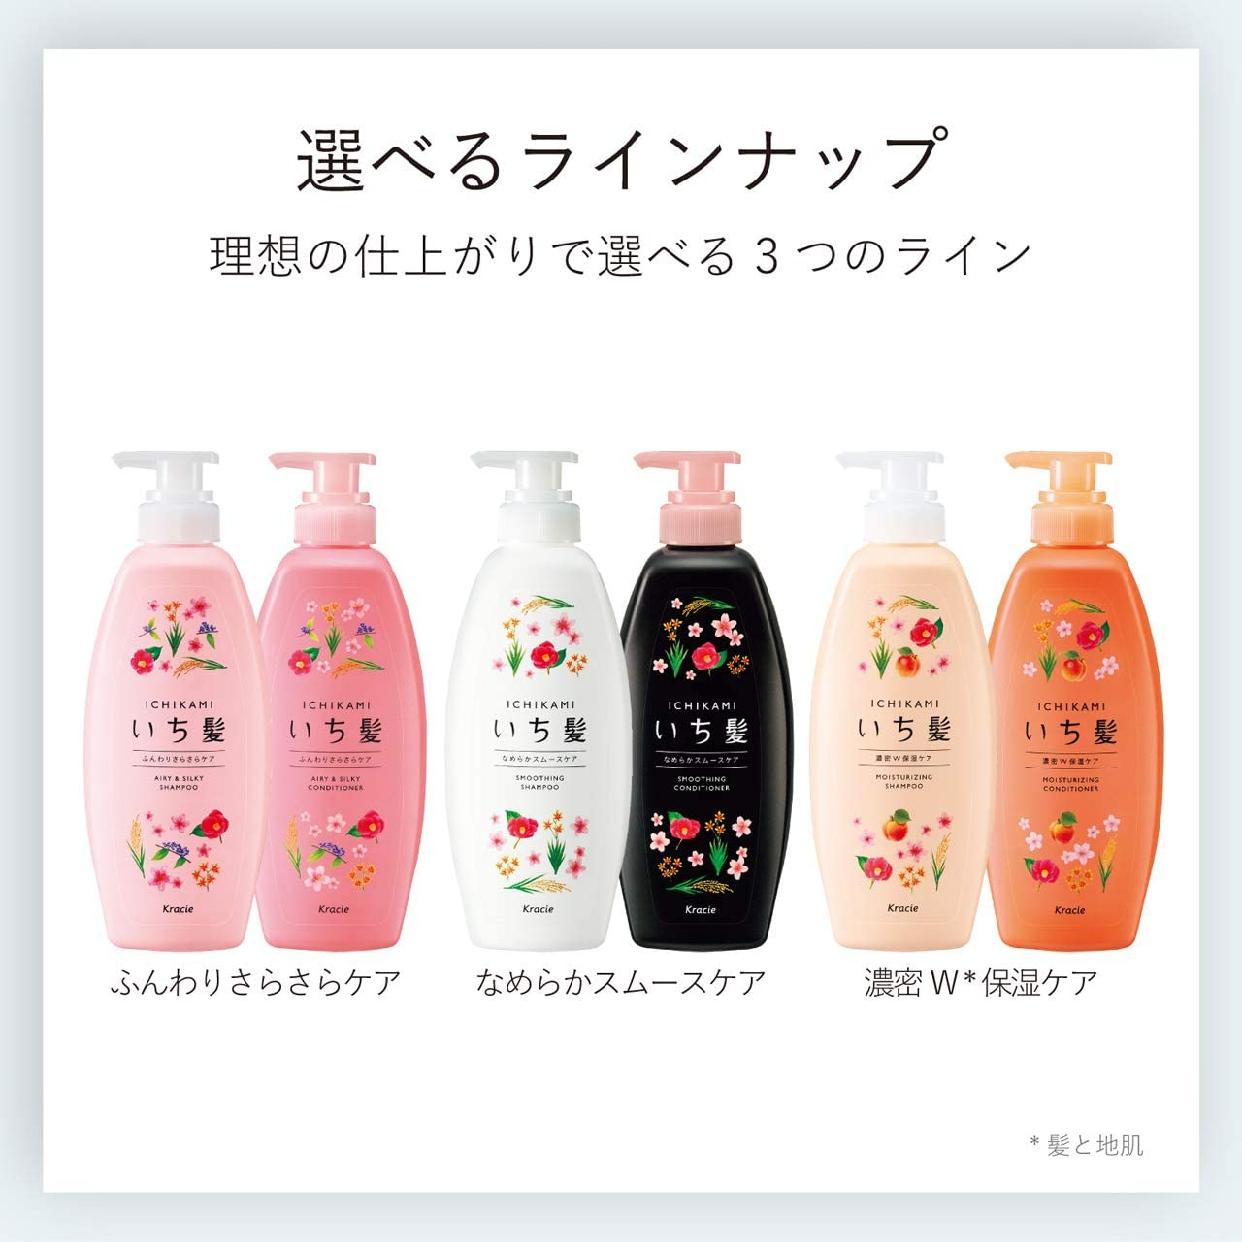 いち髪(いちかみ)なめらかスムースケア コンディショナーの商品画像5